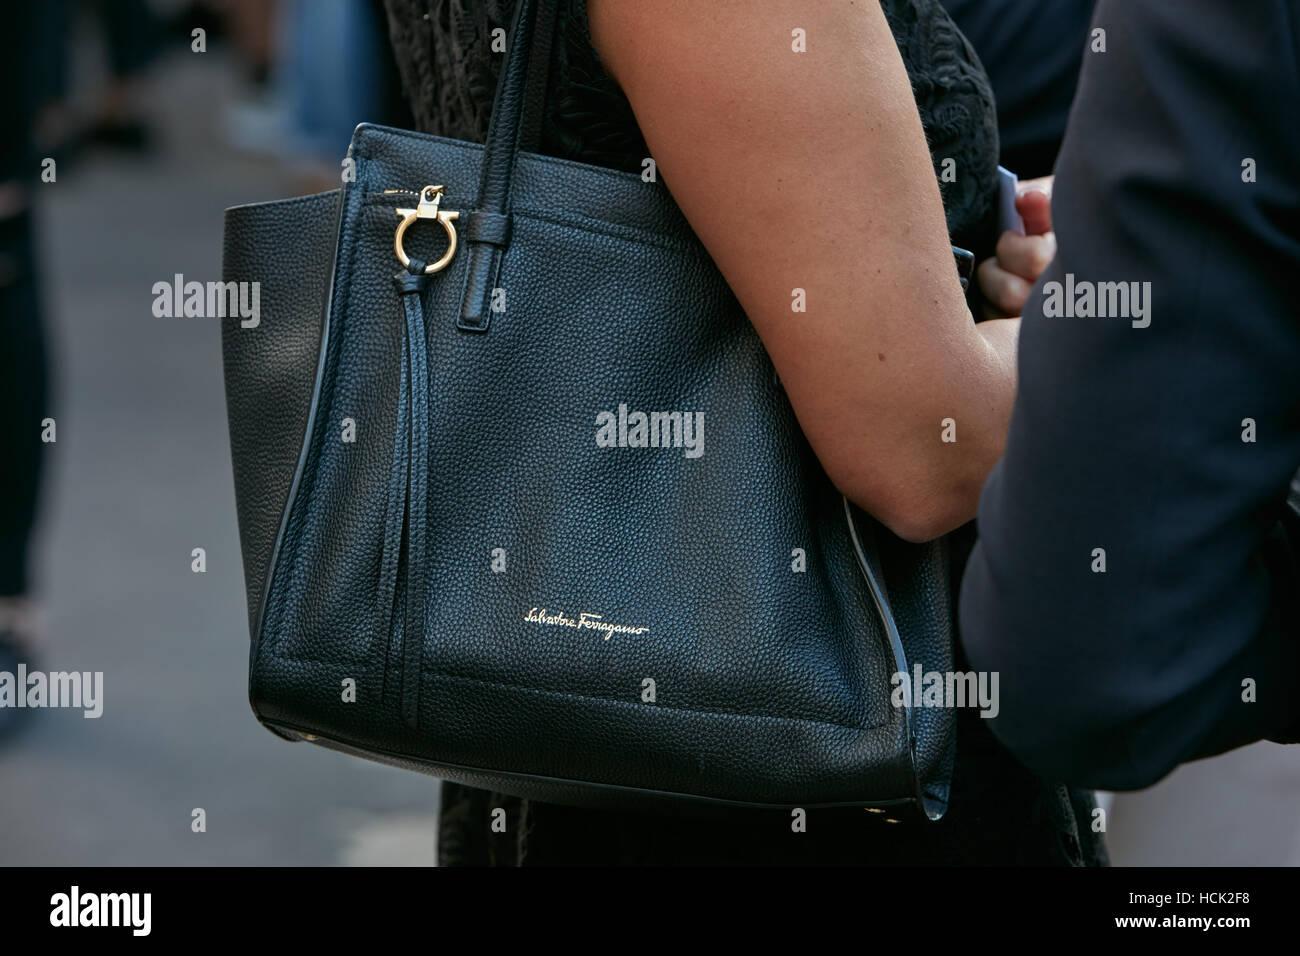 Hacer Introducir Firmar  Mujer con cuero negro bolsa antes de Salvatore Ferragamo Salvatore Ferragamo  Fashion Show, la Semana de la moda de Milán, 2016 street style Fotografía  de stock - Alamy